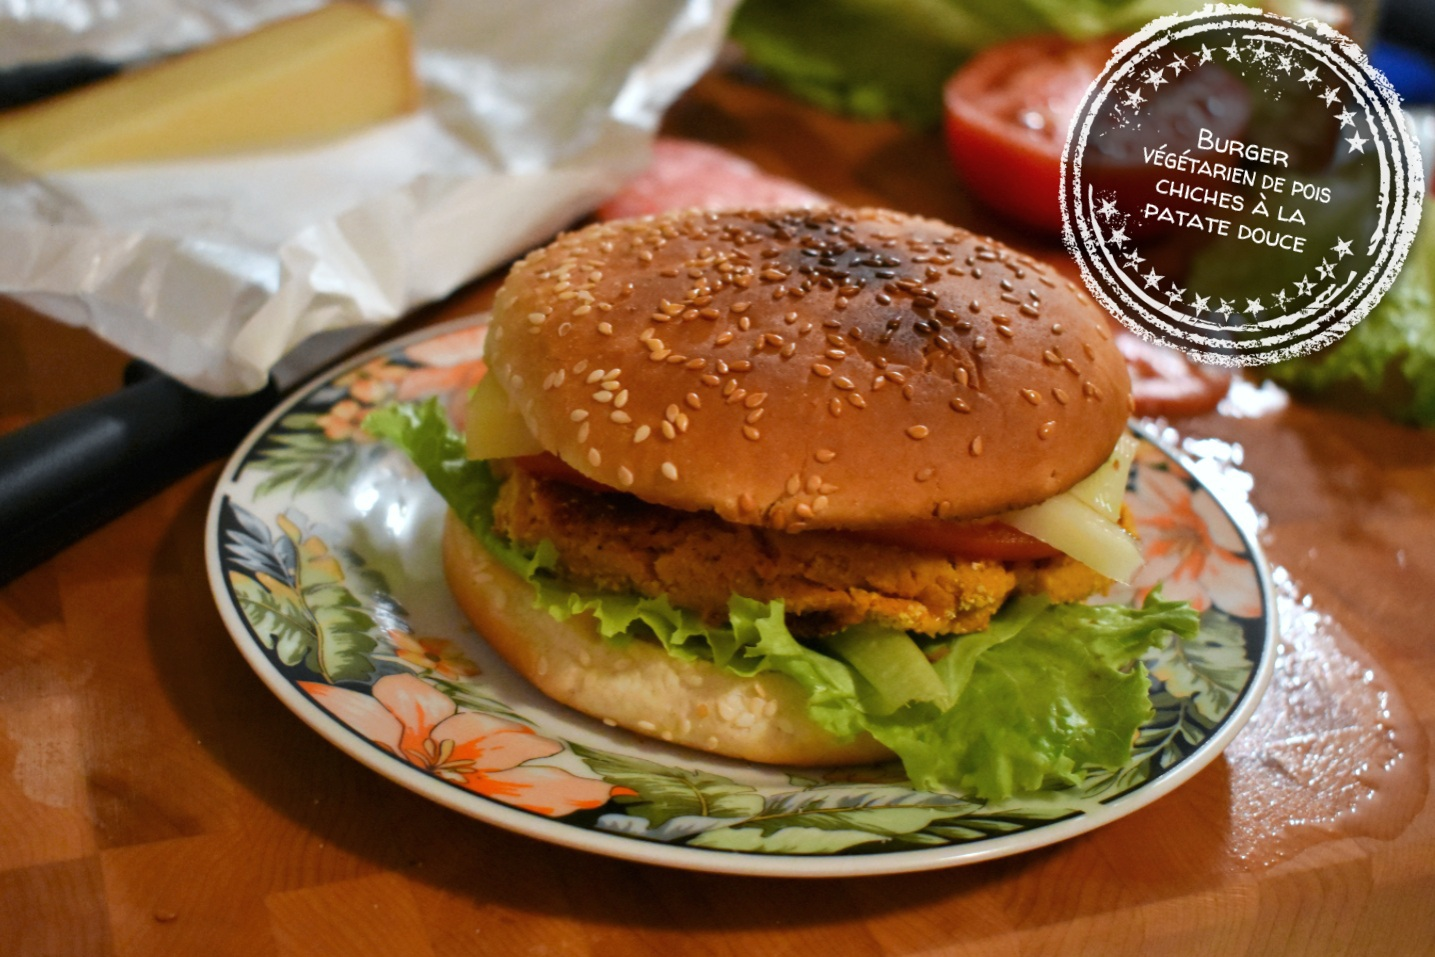 burger v g tarien de pois chiches la patate douce au bout de la langue. Black Bedroom Furniture Sets. Home Design Ideas